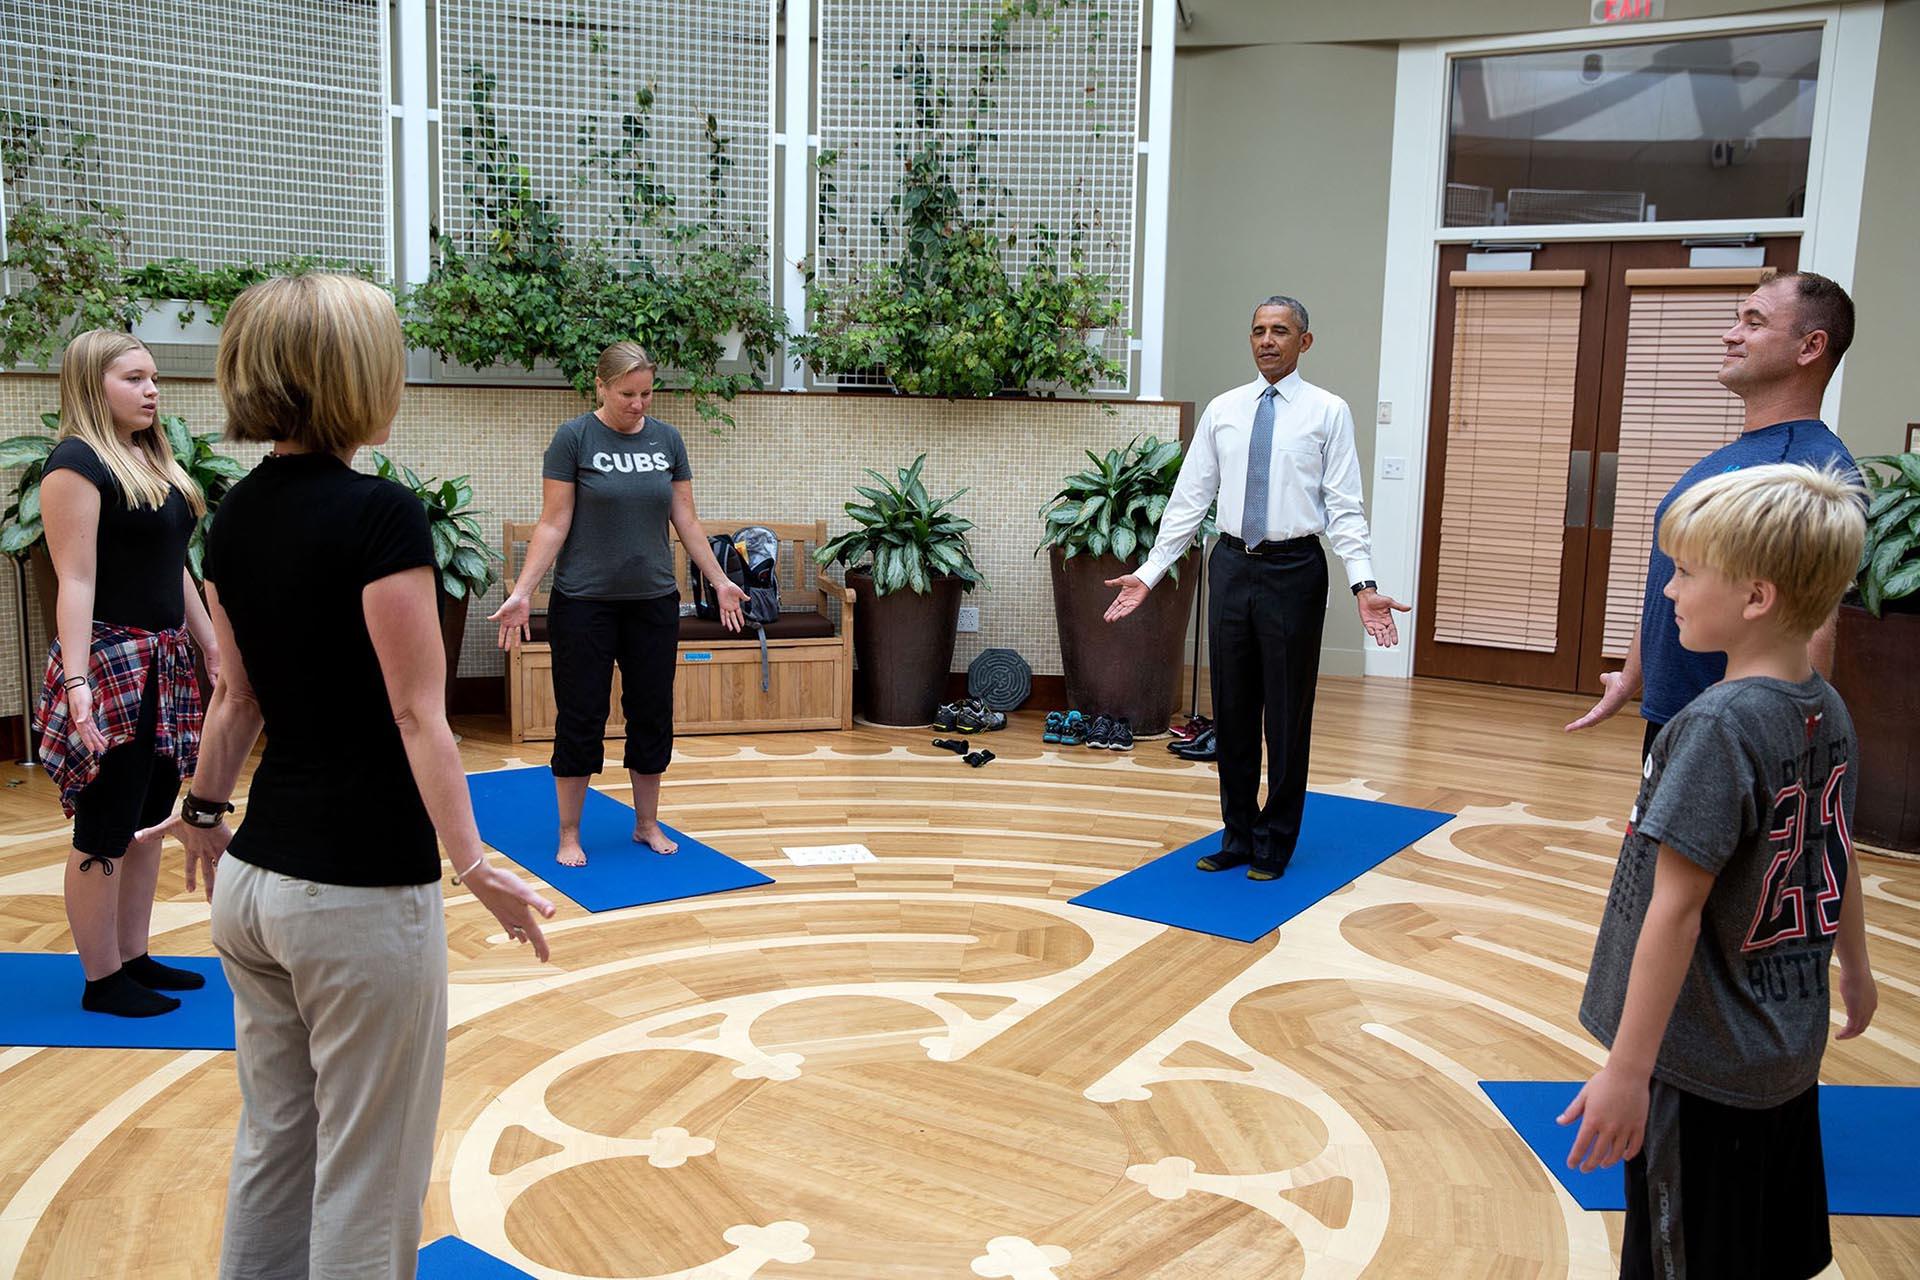 En el Walter Reed National Military Medical Center, el presidente se sumó a la clase de yoga para rehabilitación que recibía un militar herido en Afganistán junto a su familia